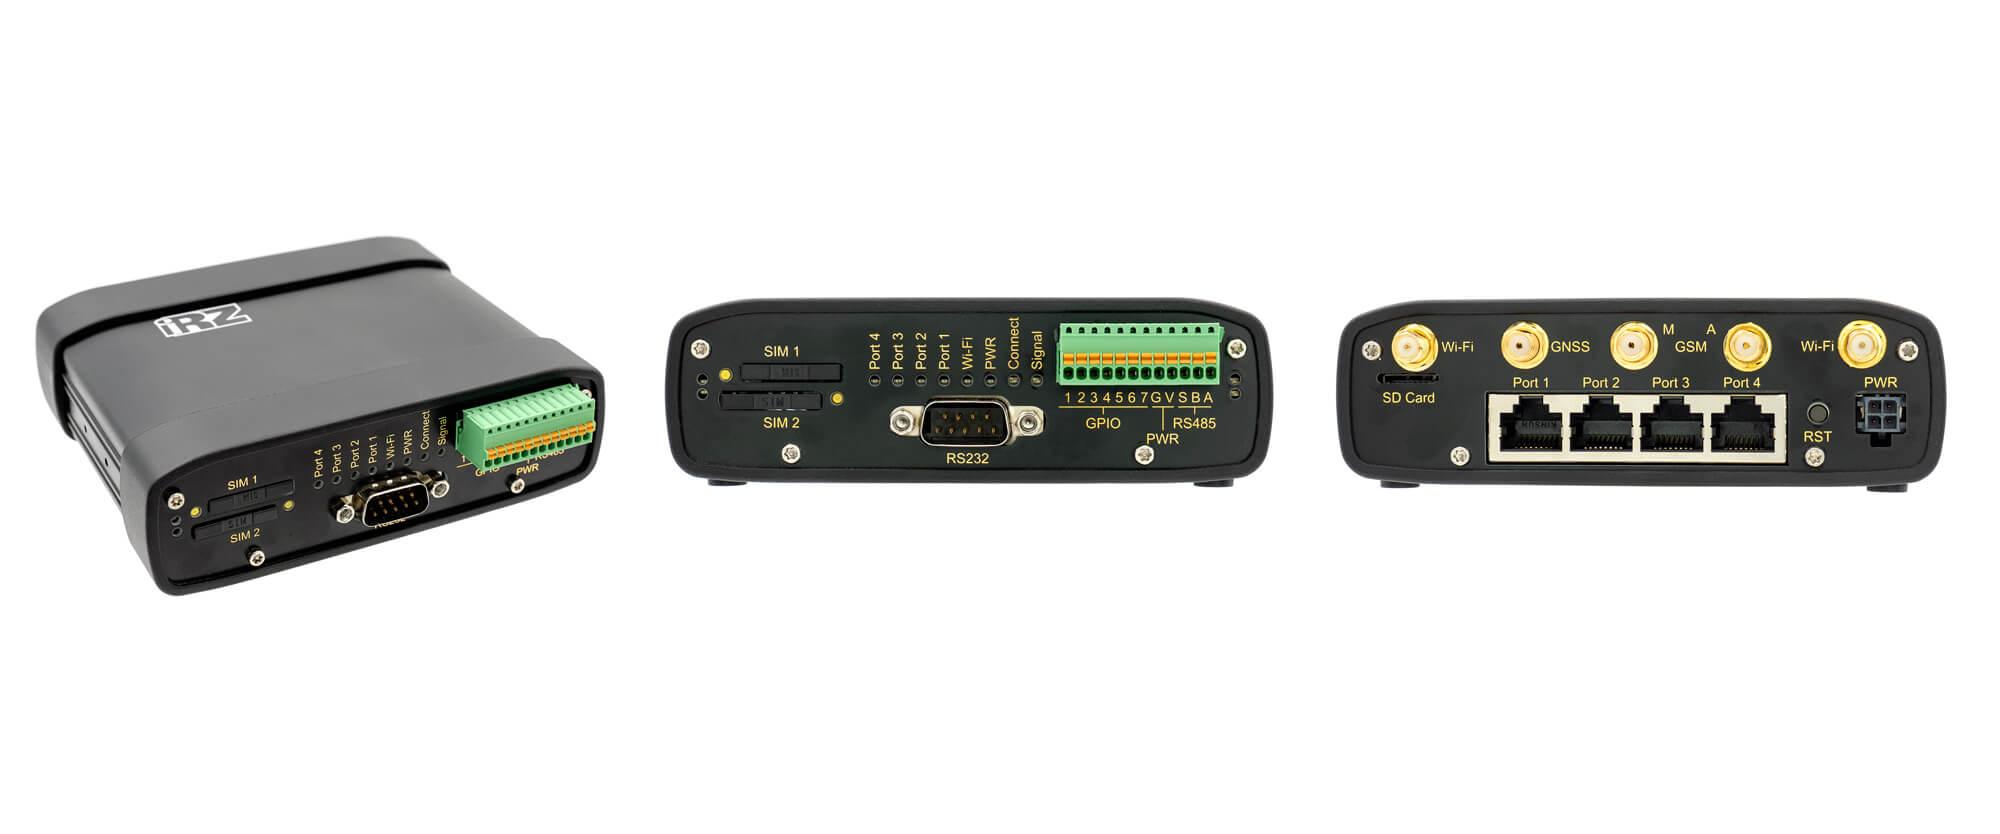 Ни минуты оффлайн — Выбираем промышленный LTE-роутер - 35